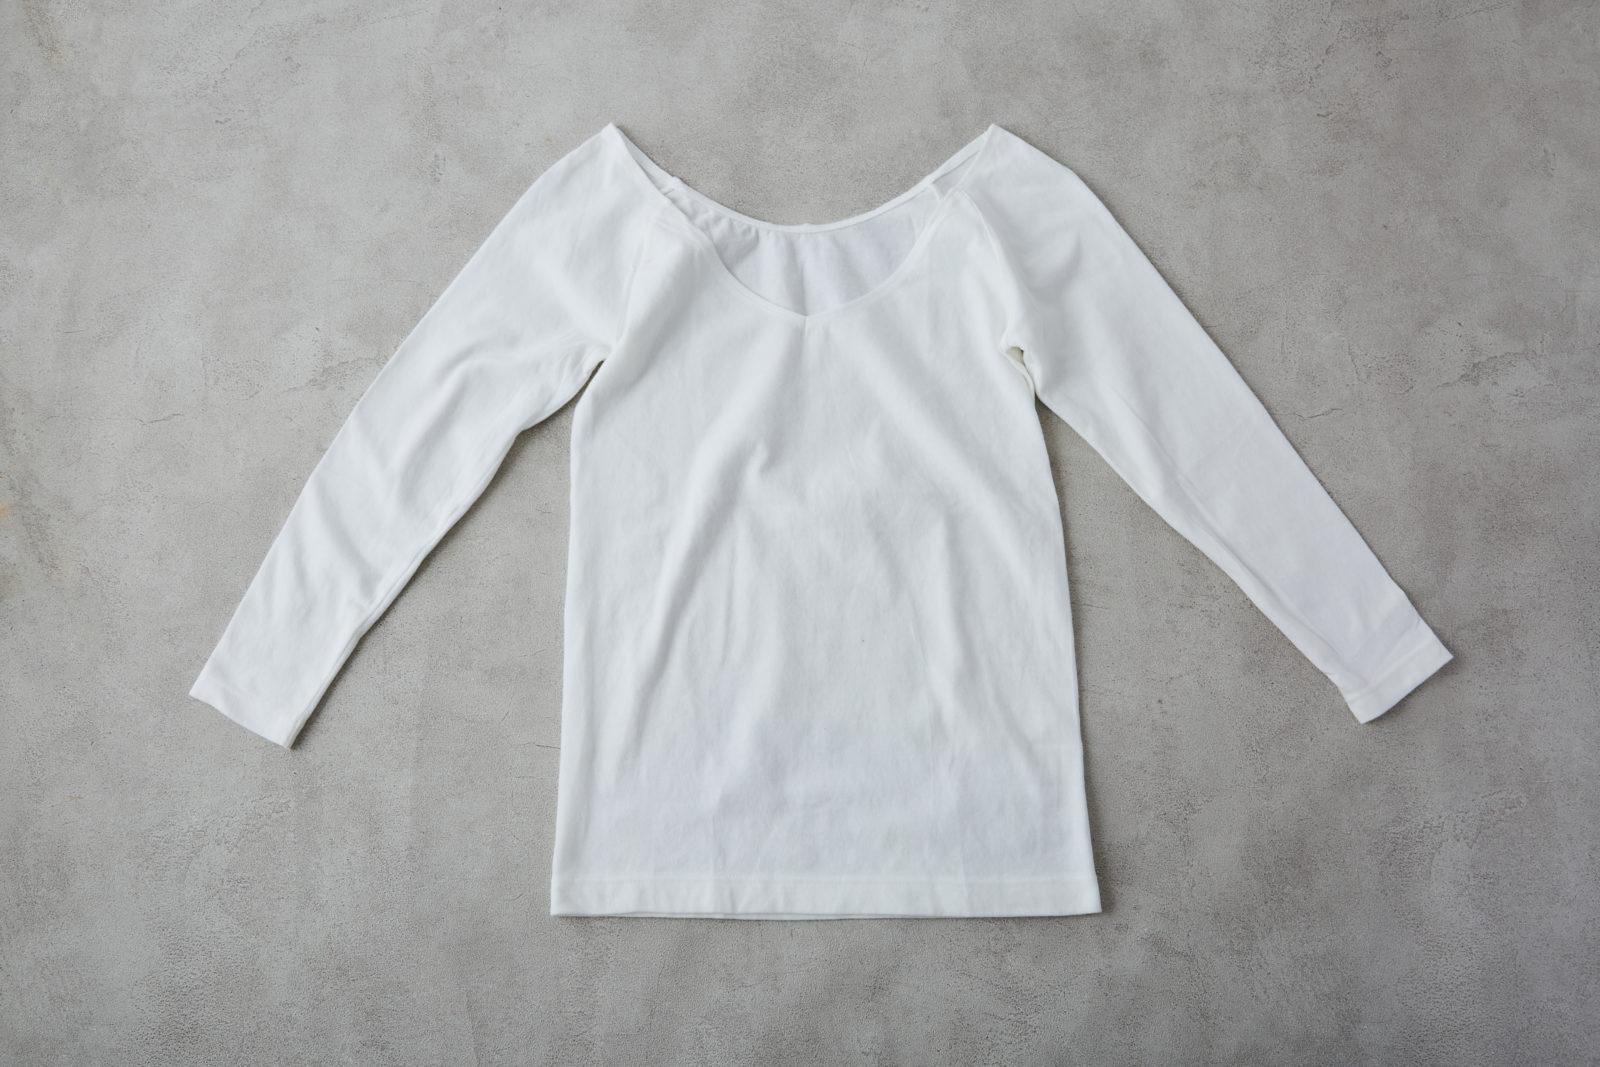 綿であったかVネック八分袖Tシャツ 婦人・オフ白